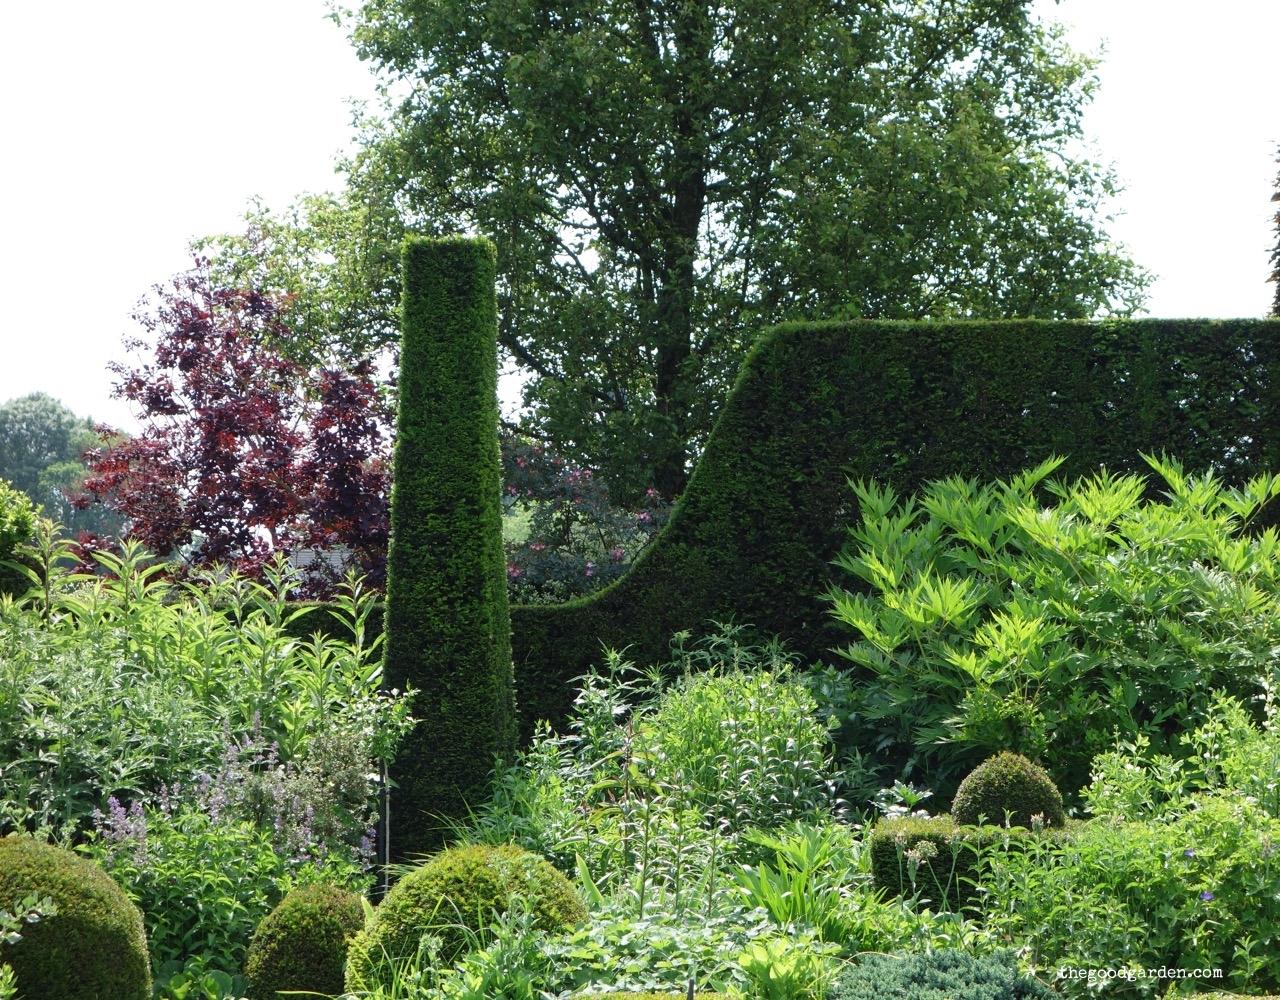 thegoodgarden|tuinzondernaam|netherlands|580.jpg